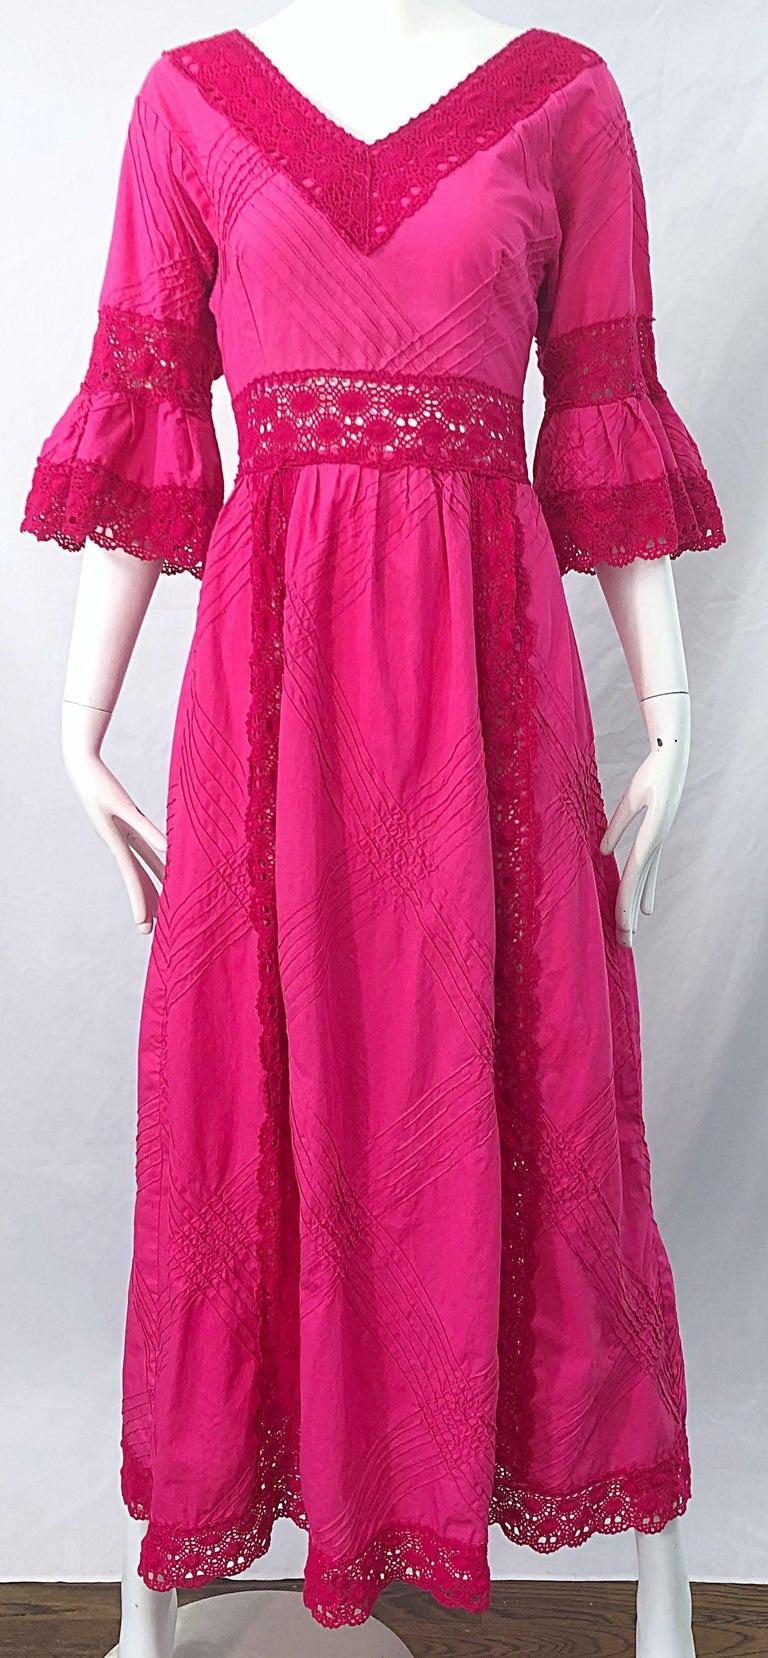 1970s Tachi Castillo Hot Pink Mexican Crochet Vintage Cotton 70s Maxi Dress For Sale 4